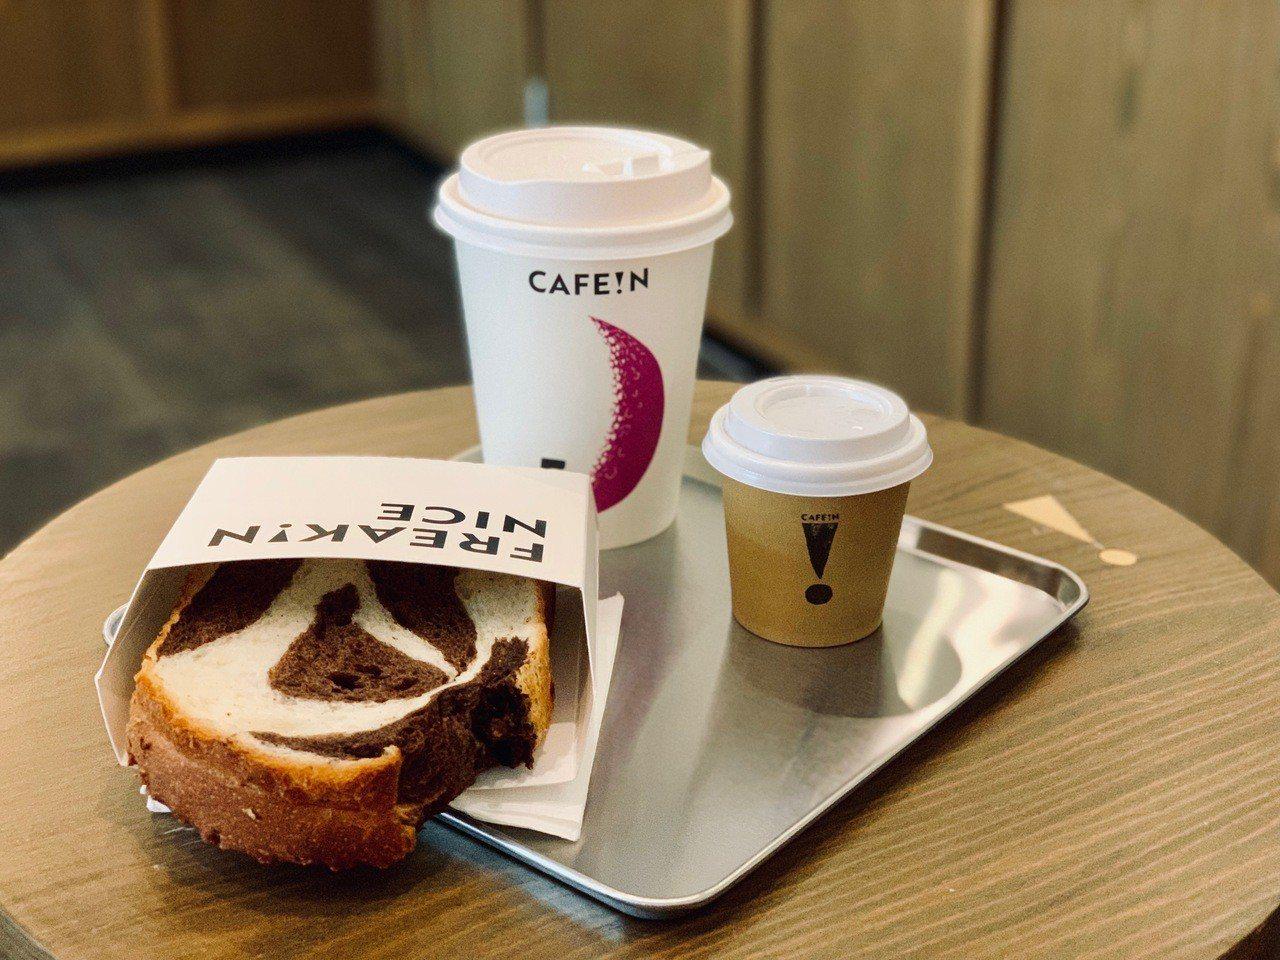 自己選配時尚的CAFE!N早餐、下午茶組合。記者張芳瑜/攝影